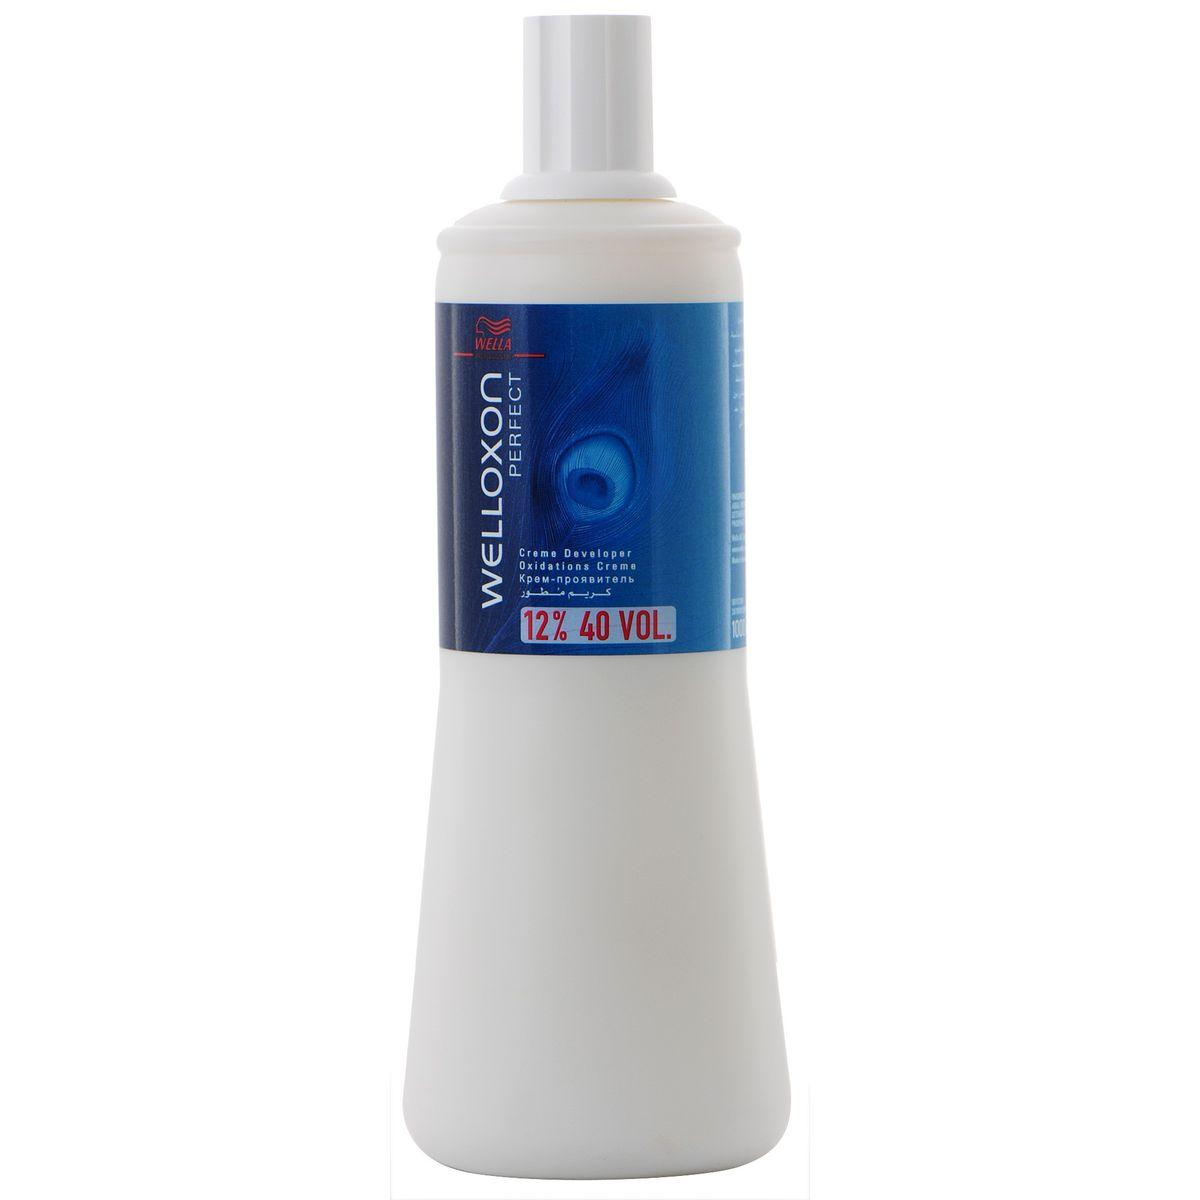 Wella Окислитель Welloxon Perfect 12%, 1000 мл00720000/81066488Окислитель WELLOXON PERFECT 12% Благодаря более кремообразной и вязкой консистенции Welloxon Perfect гарантирует лучшую смешиваемость и более косметический вид красящей массы. Красящие пигменты проникают в волосы там, где это необходимо, обеспечивая эффективный, точный и равномерный процесс окрашивания. Смешивание Welloxon Perfect и Blondor делает возможным осветление волос до семи ступеней и получение чистого светлого цвета. В зависимости от желаемой степени осветления рекомендуется использовать разные варианты Welloxon Perfect: 6%, 9% и 12%.